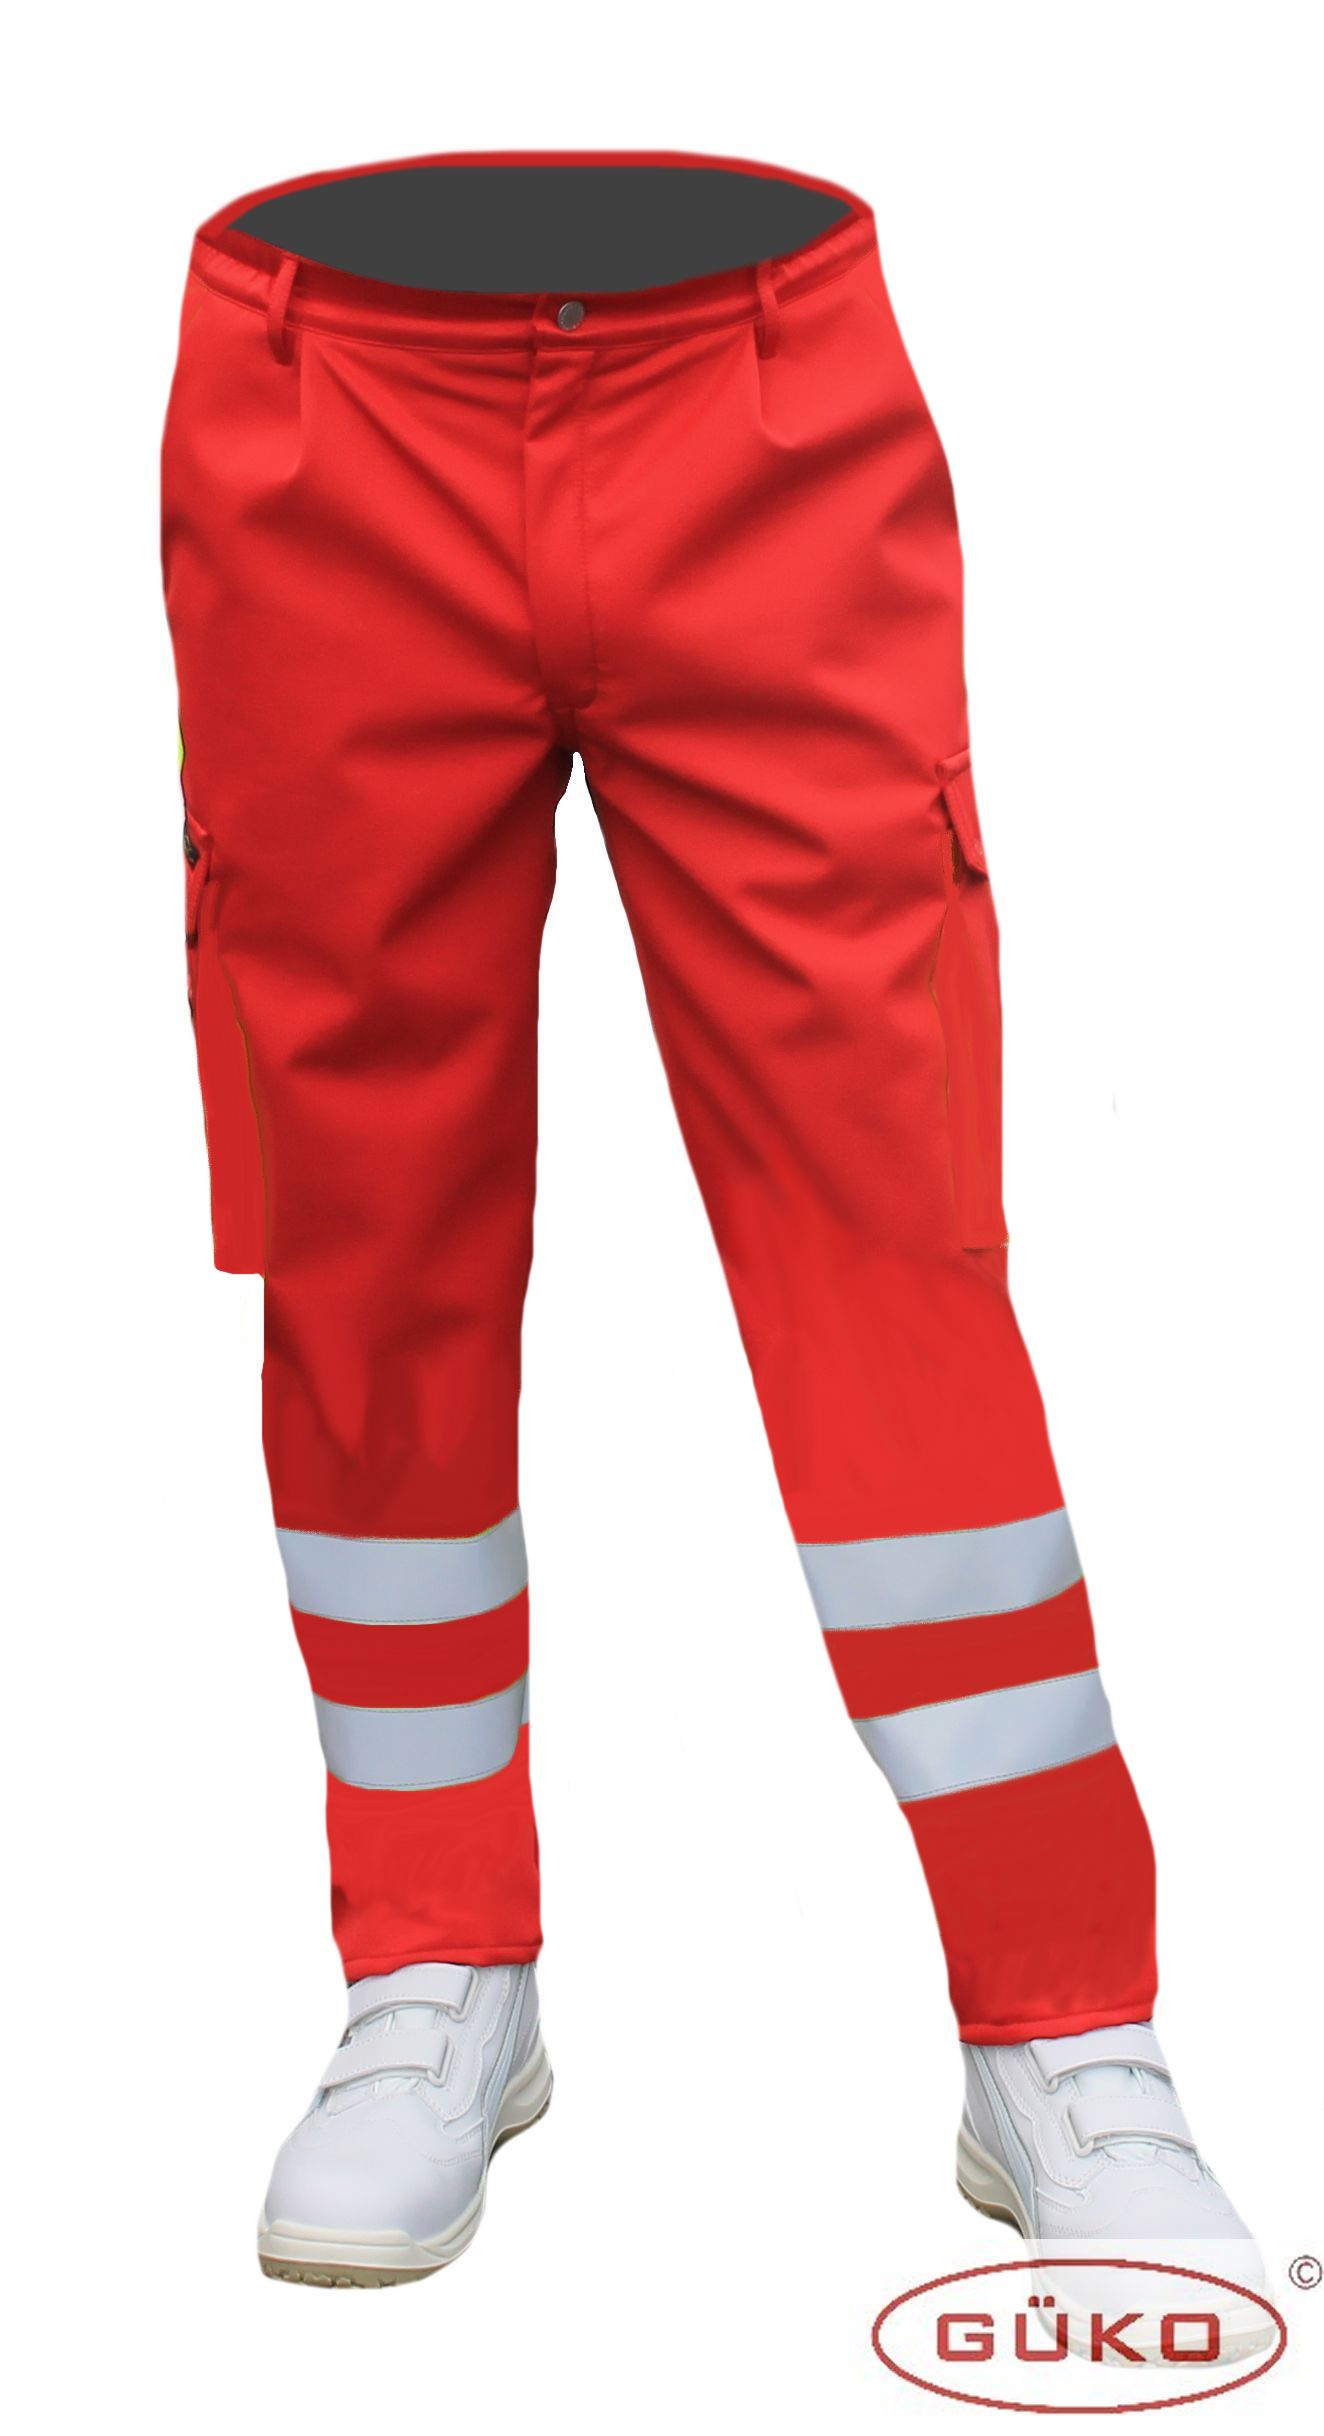 Rettungssanitäter kleidung  Rettungsdienste/Notärzte | Güko - Hochwertige handgenähte ...